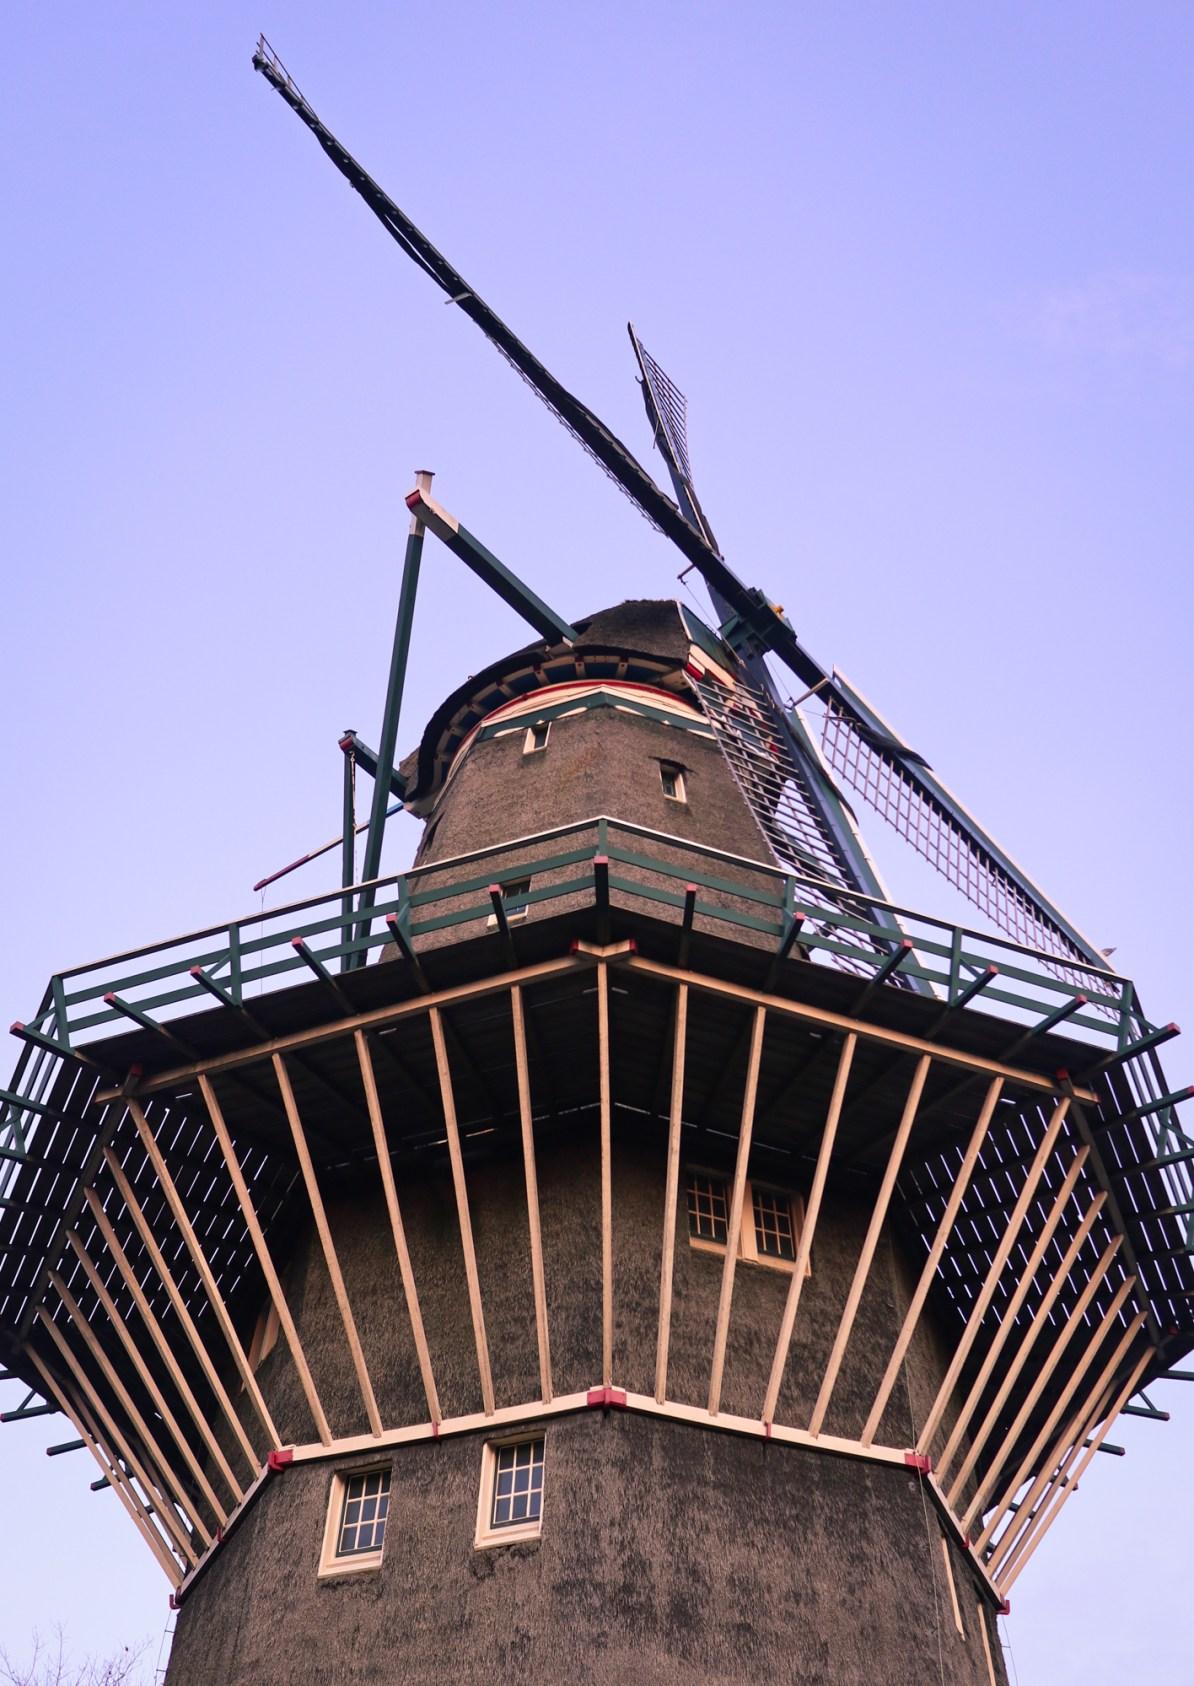 De Gooyer windmill in Amsterdam